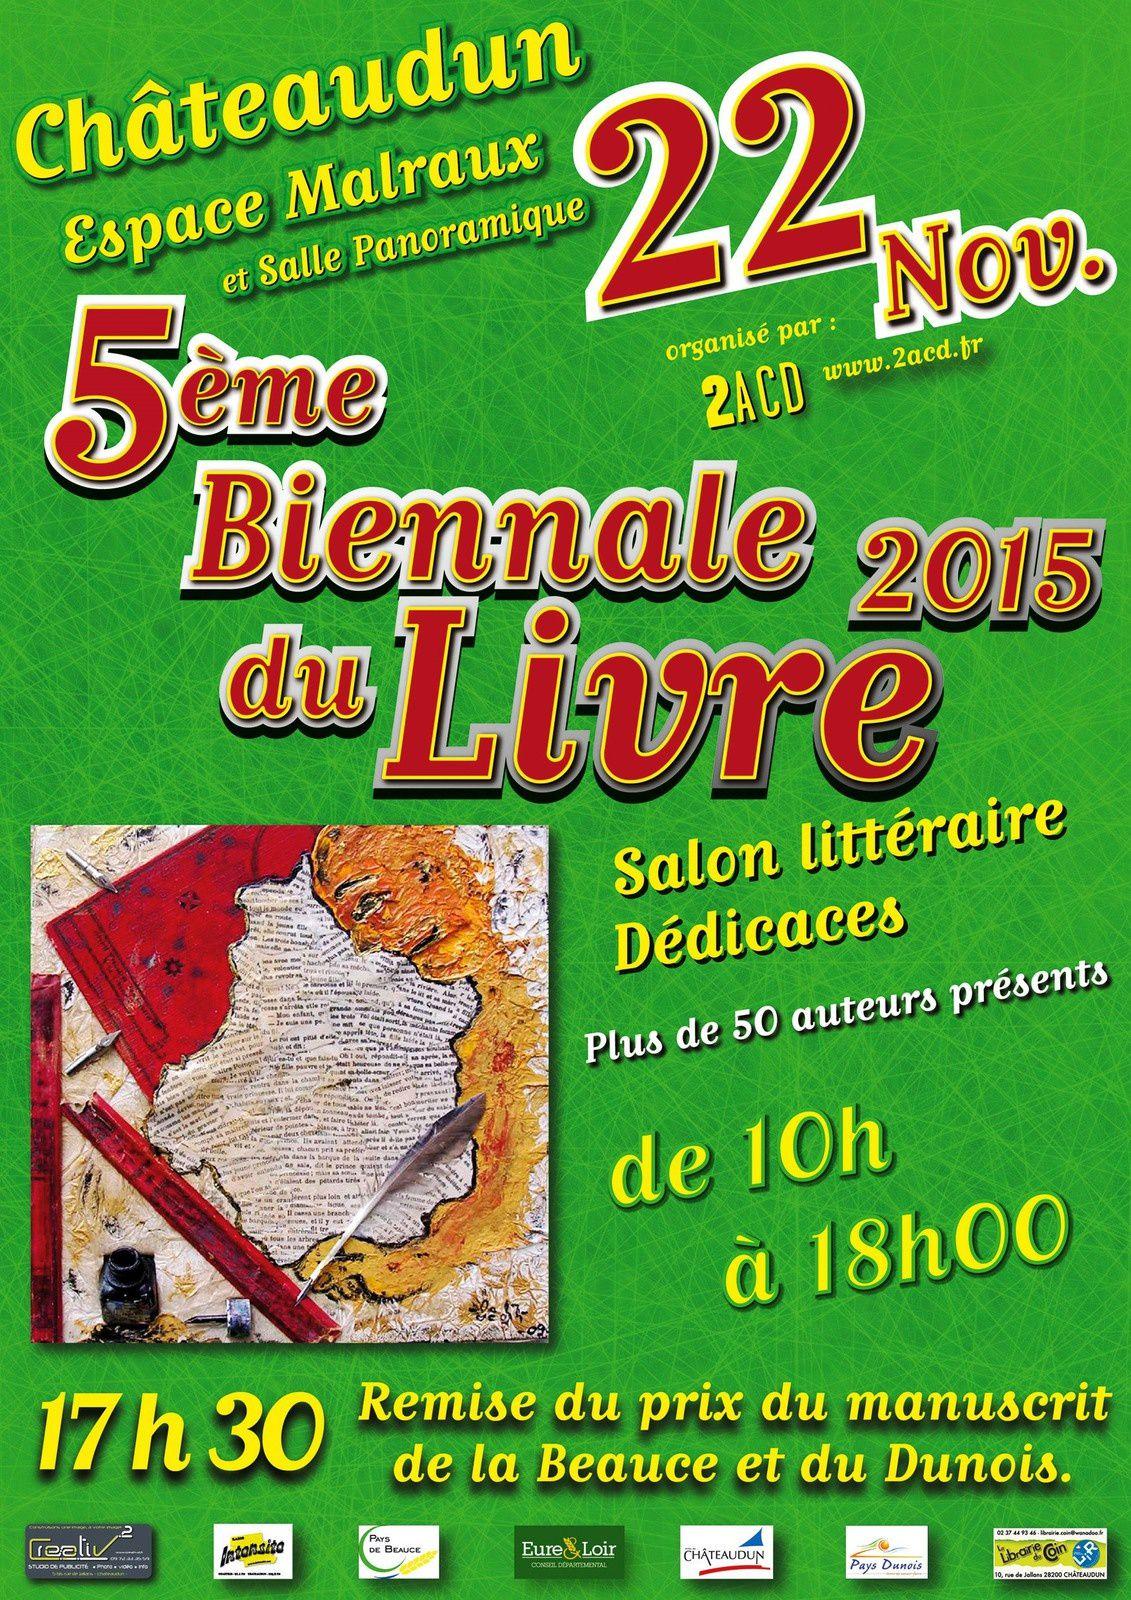 La Société Dunoise, présente à la Biennale du livre, Espace Malraux à Châteaudun